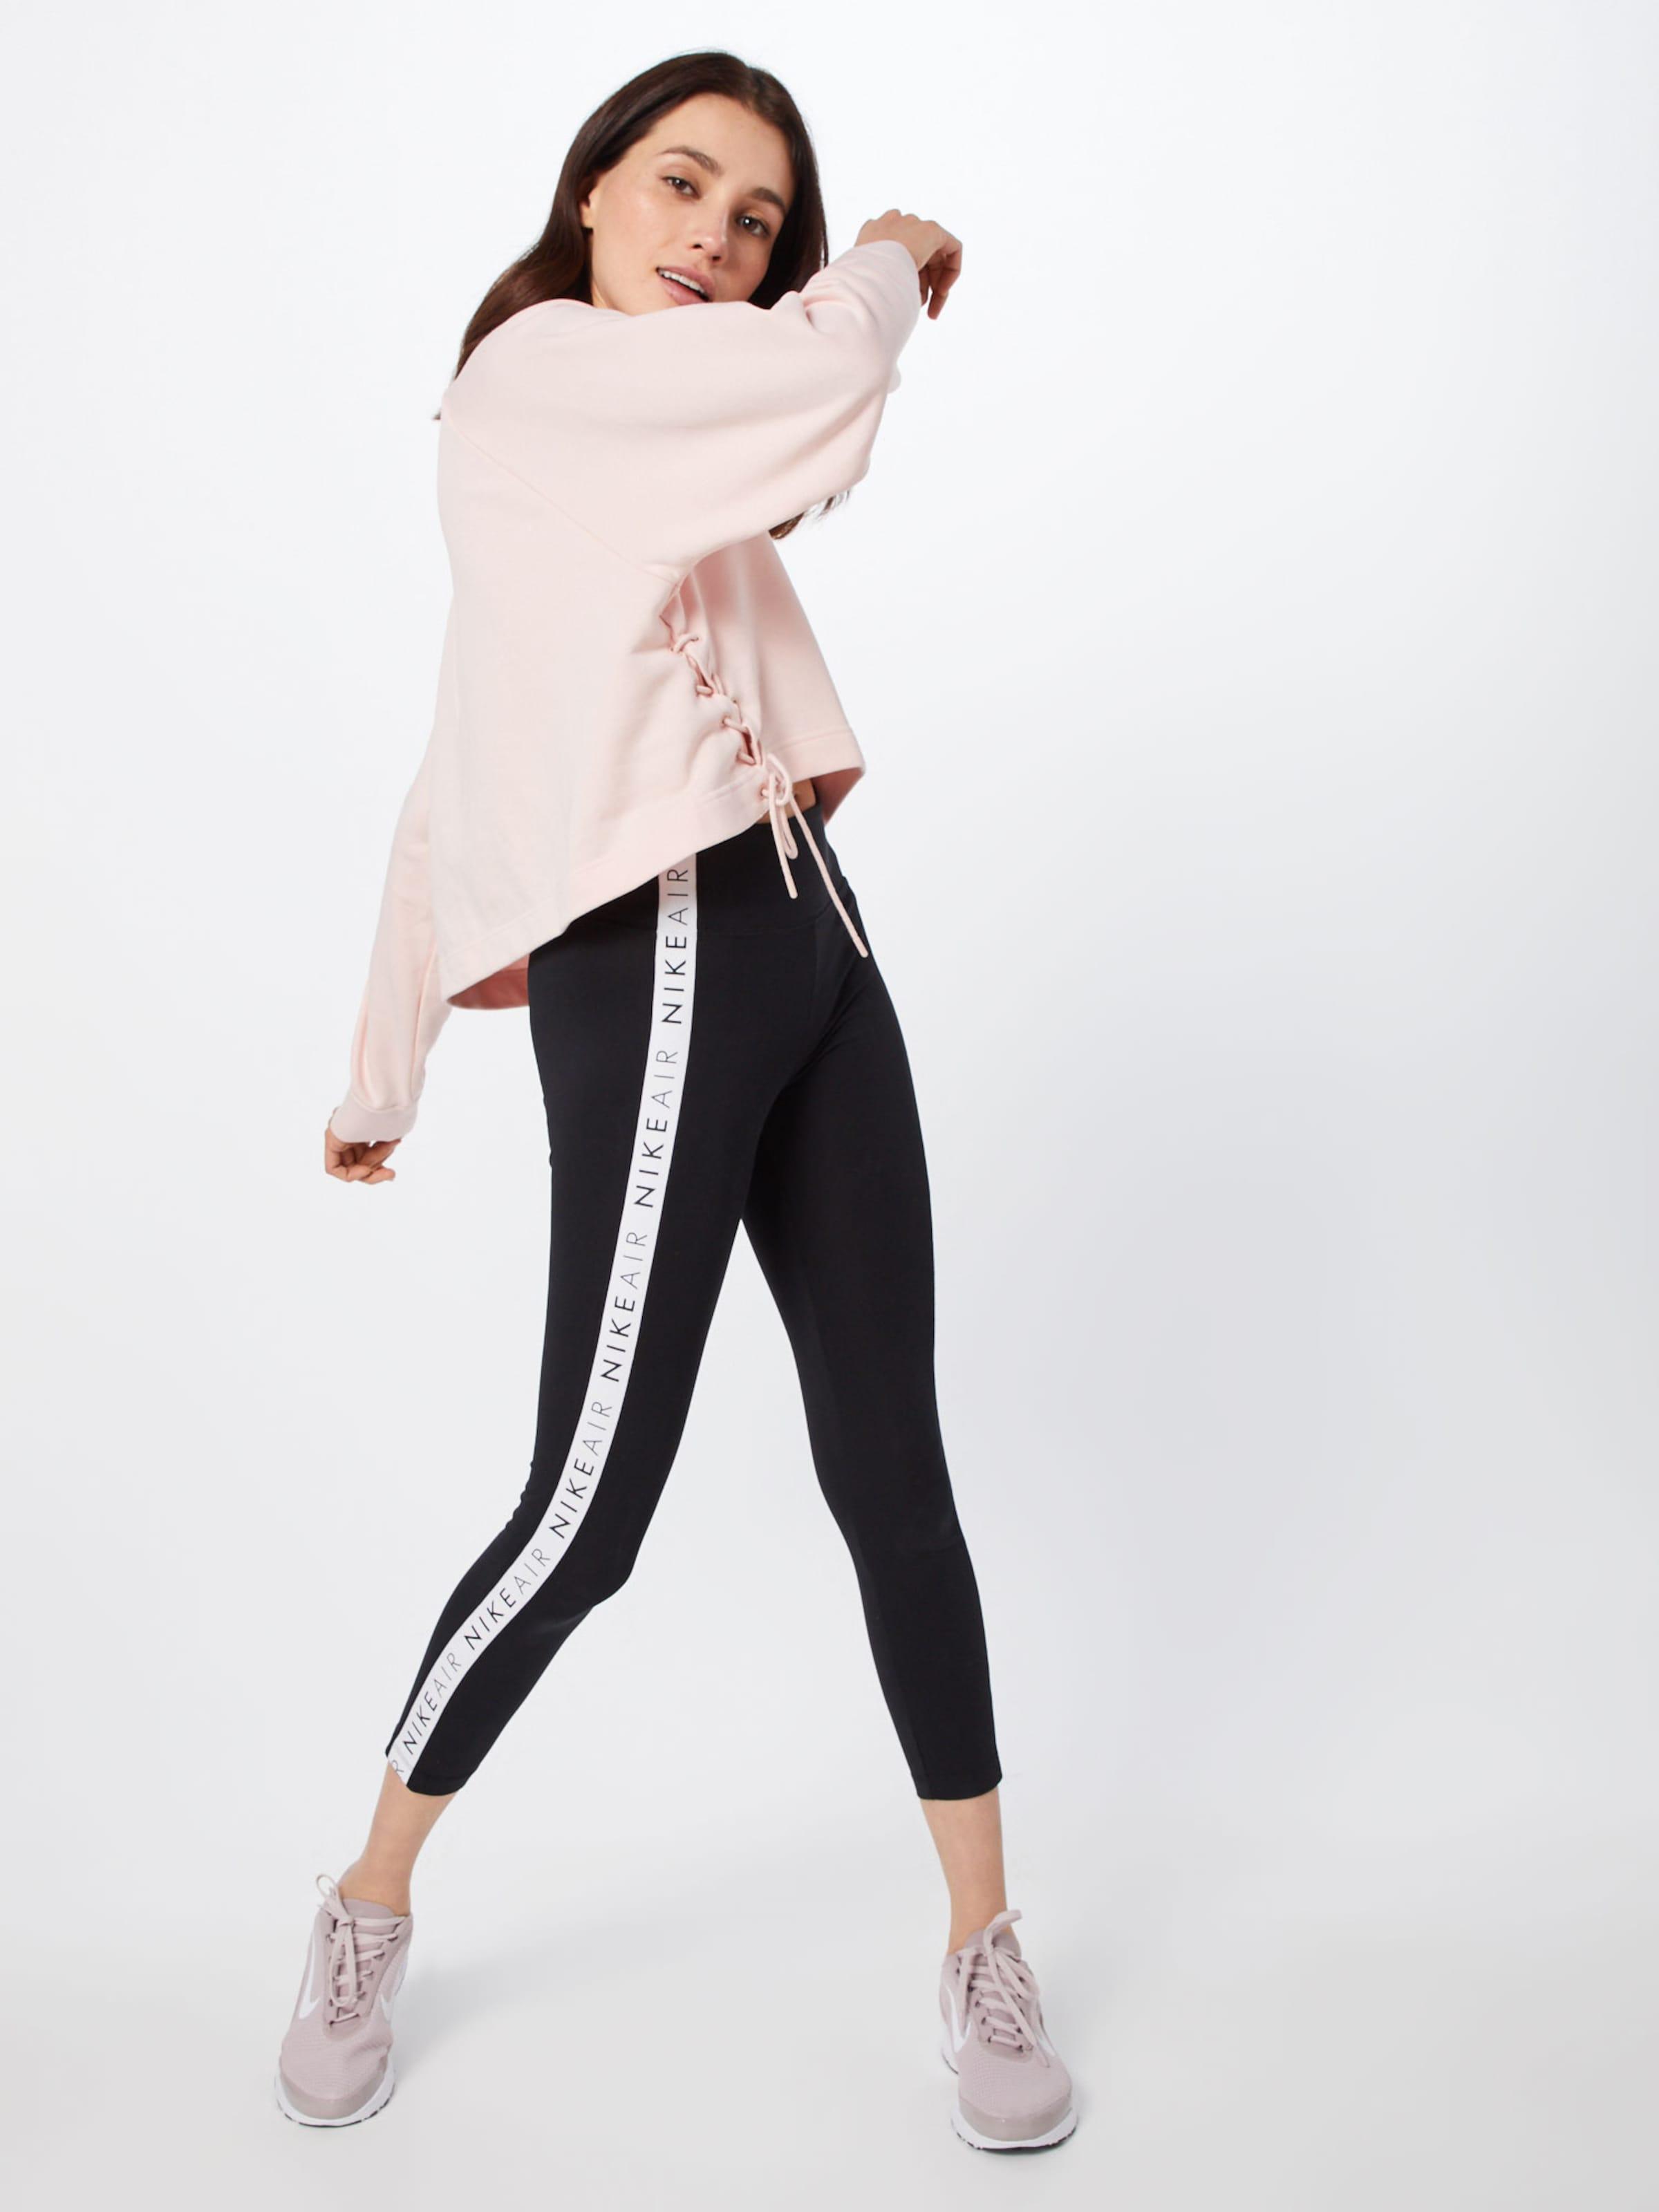 'air' Noir Leggings Sportswear En Nike b76YfyvIg